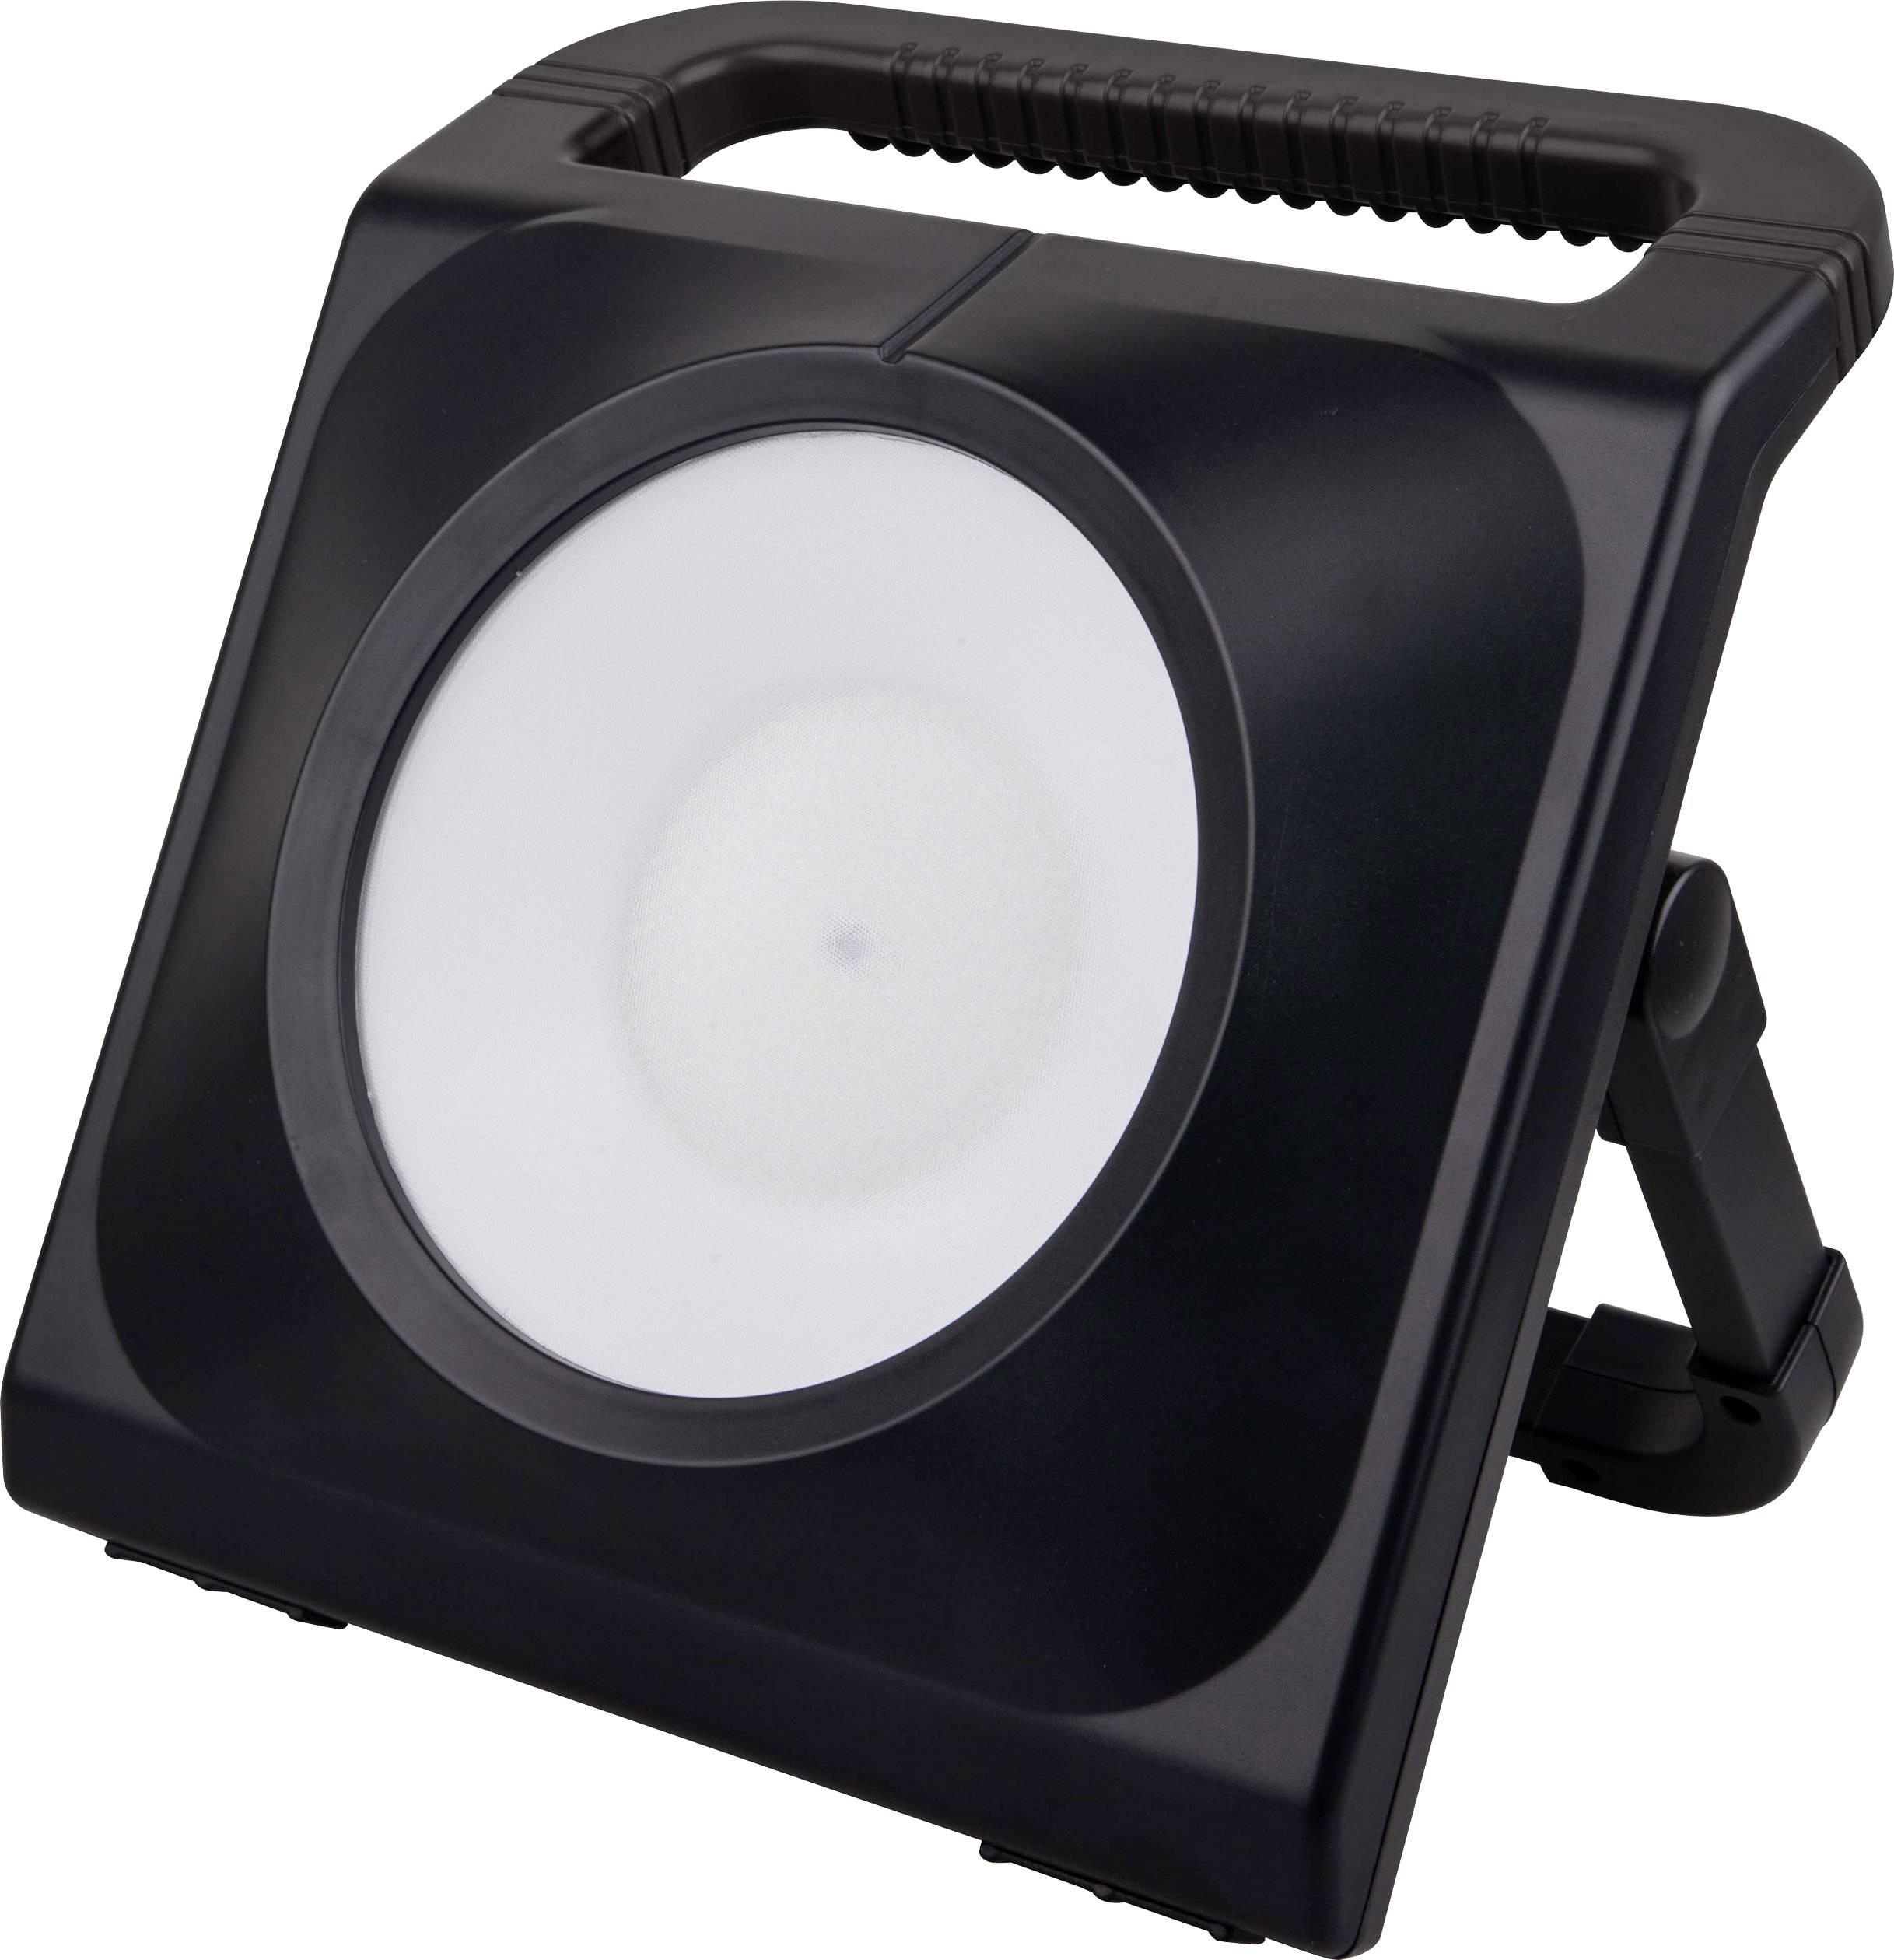 LED pracovné osvetlenie TOOLCRAFT, 230 V, 50 W, čierna